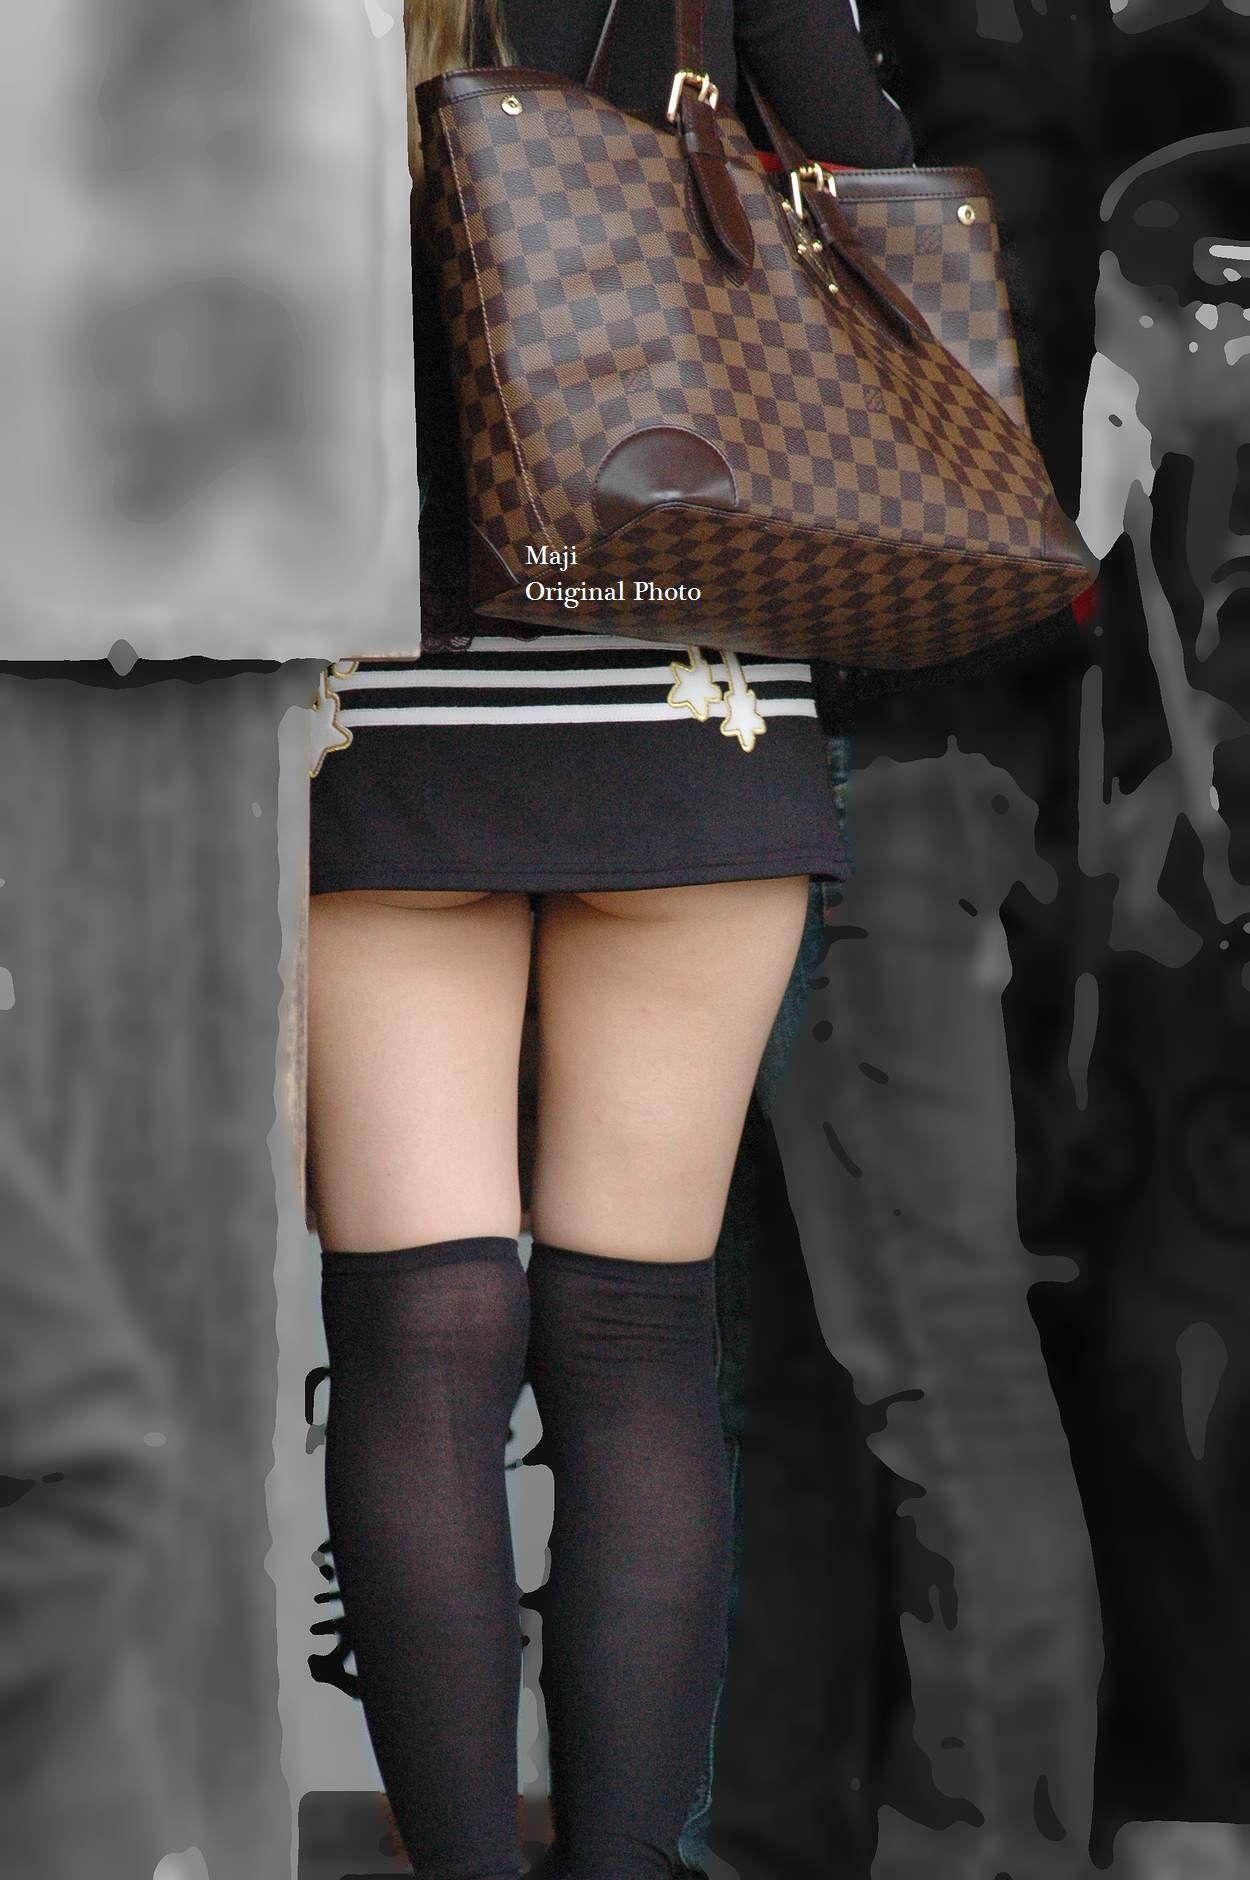 【チラリズムエロ画像】パンツ見えなくてもコレなら諦めつくwミニスカ尻チラwww 11